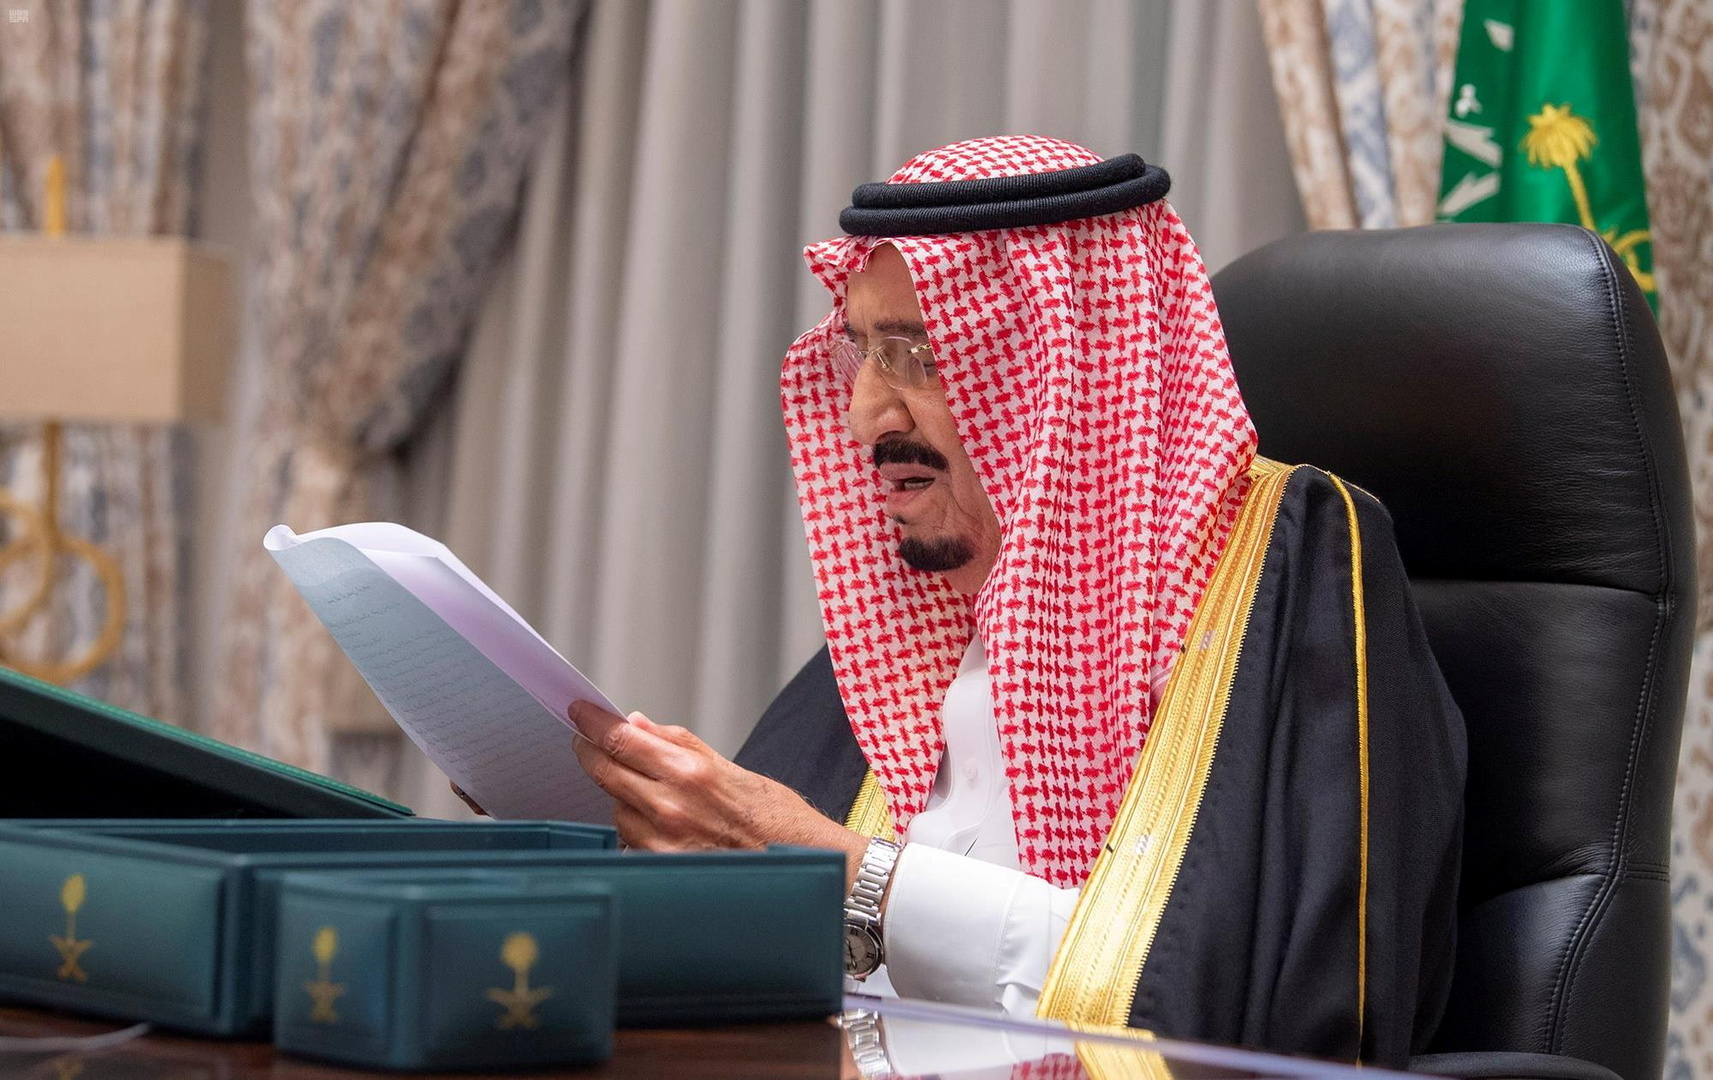 الملك السعودي يبعث برسالة خطية لأمير الكويت